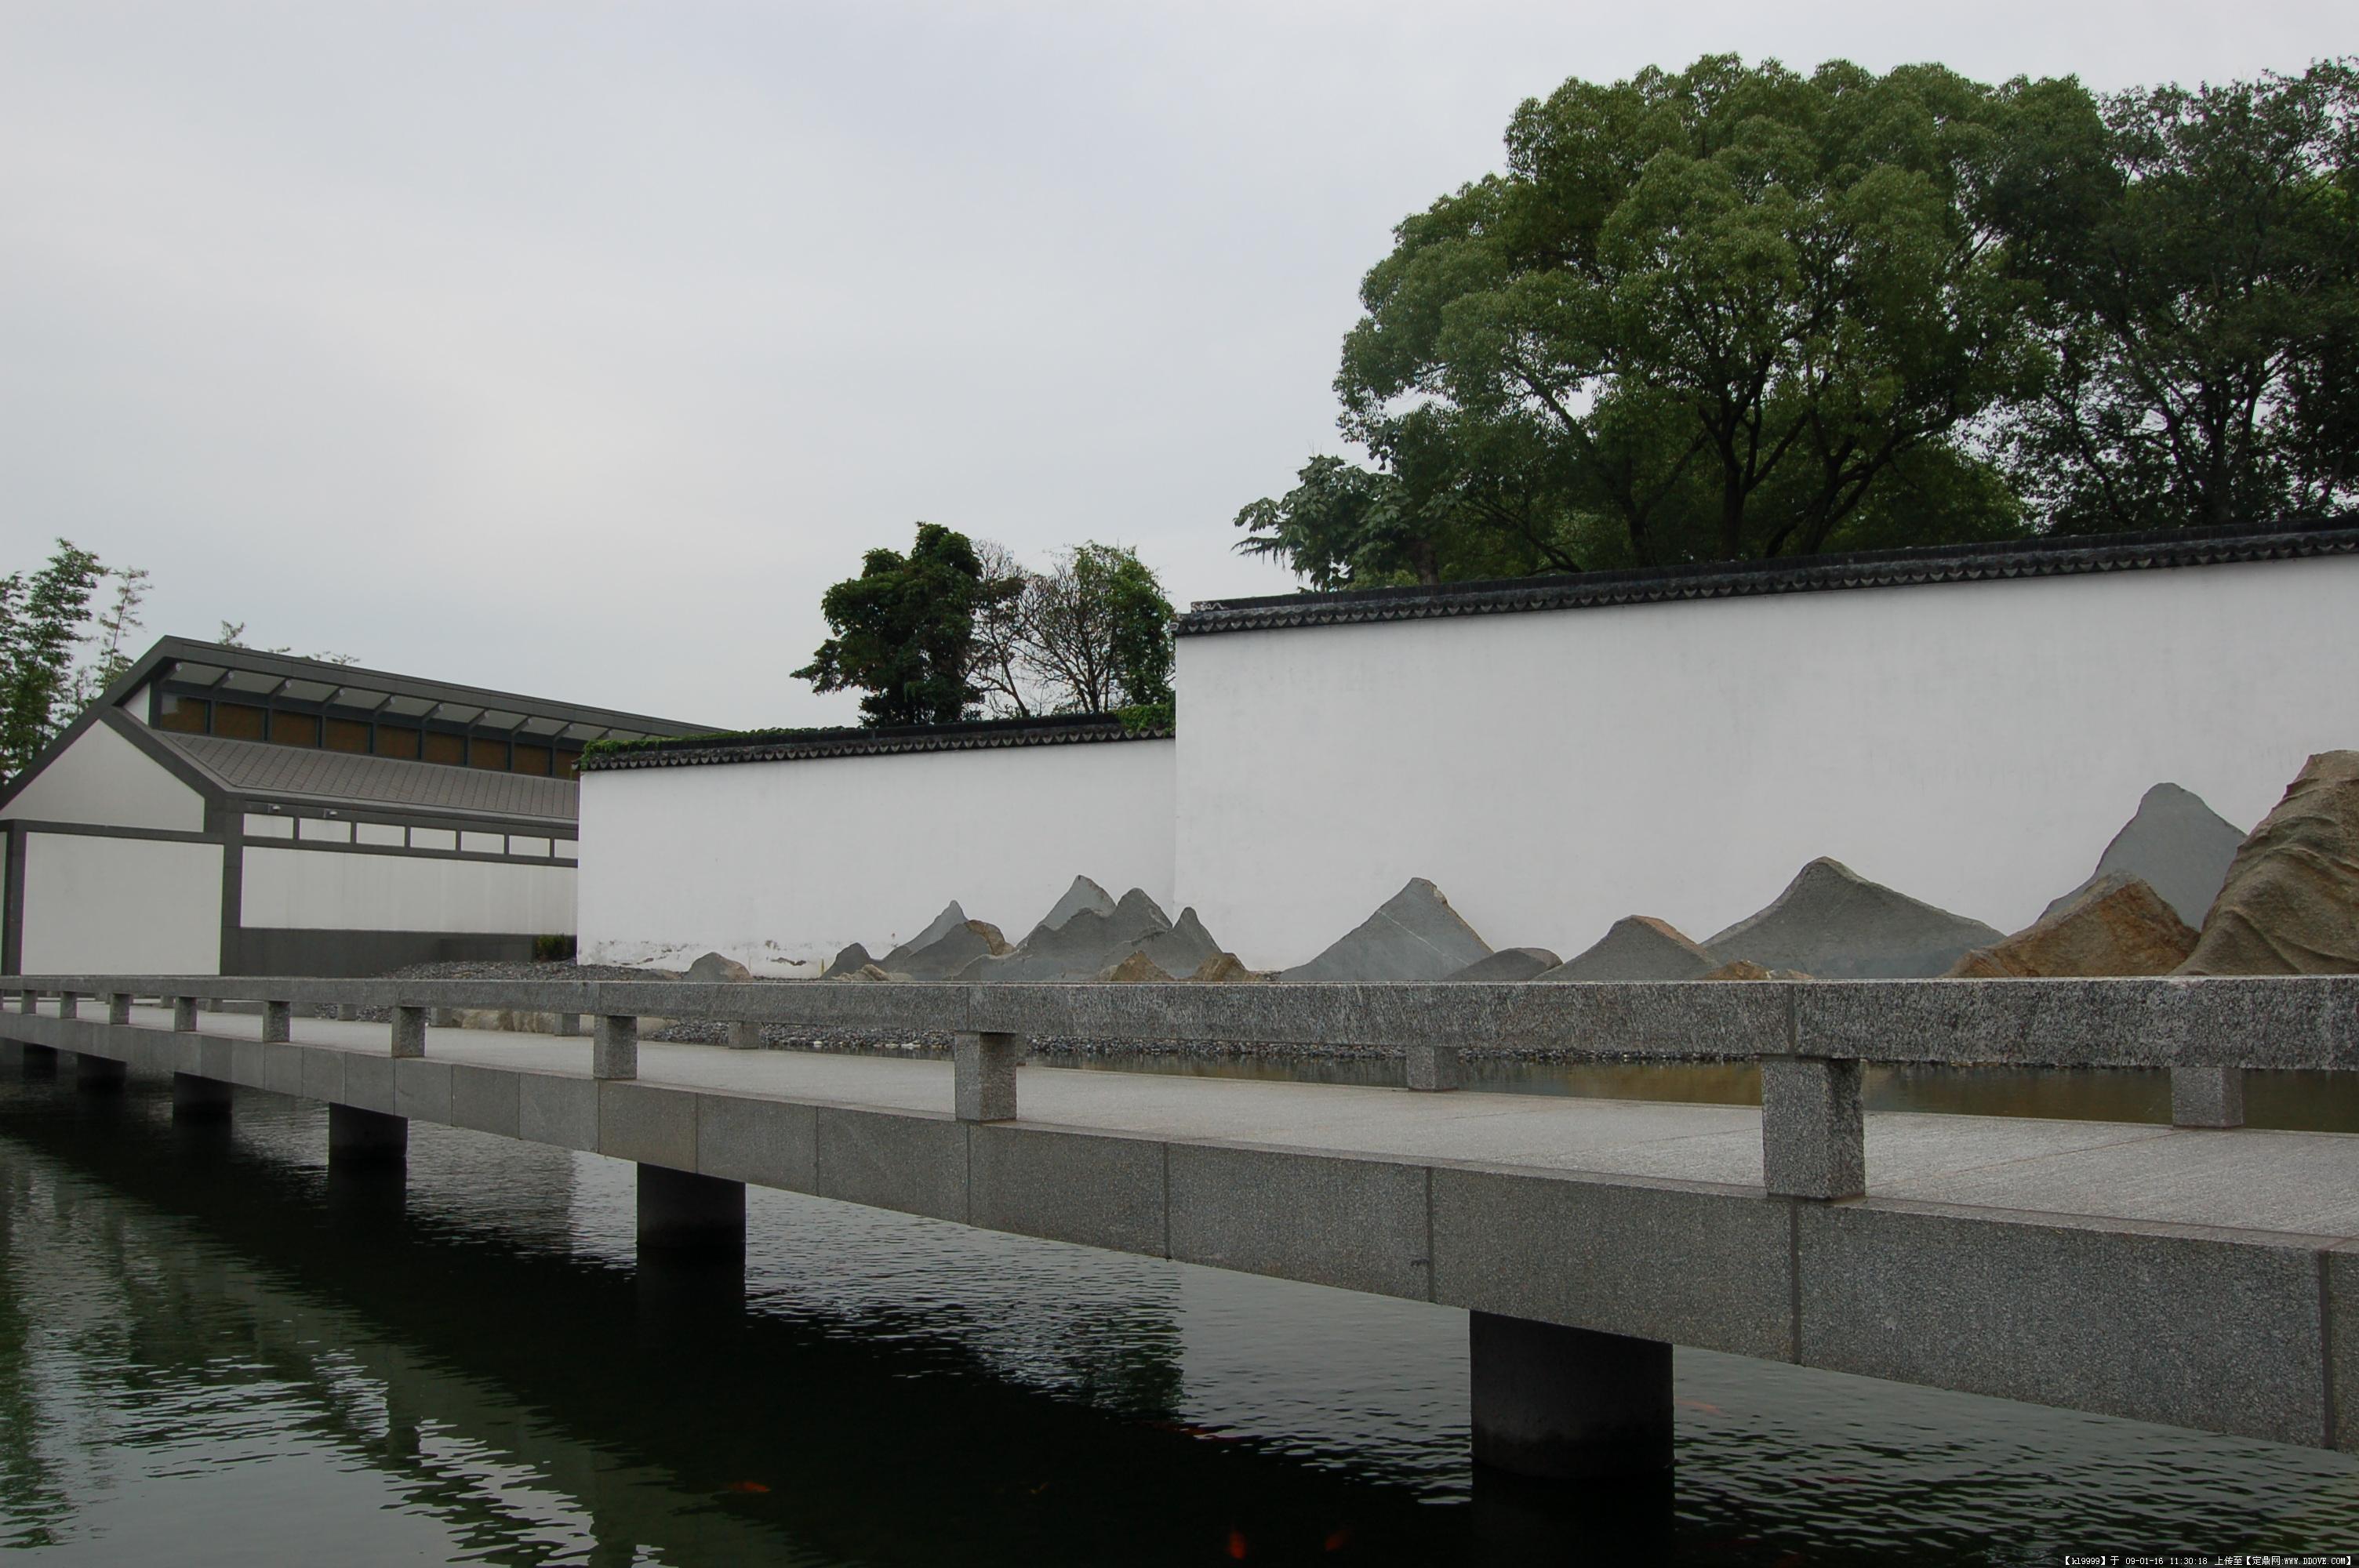 苏州博物馆实拍照片